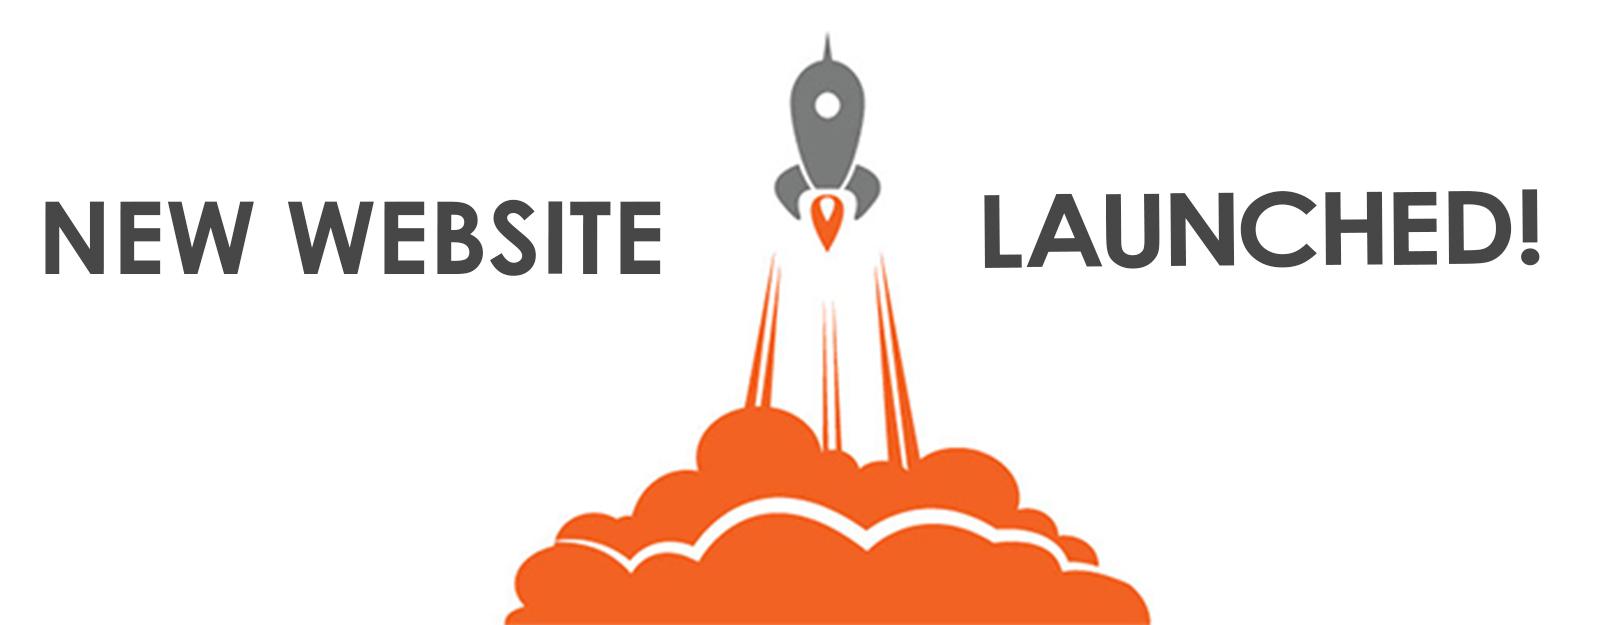 new-website-launch-orange-wide.jpg